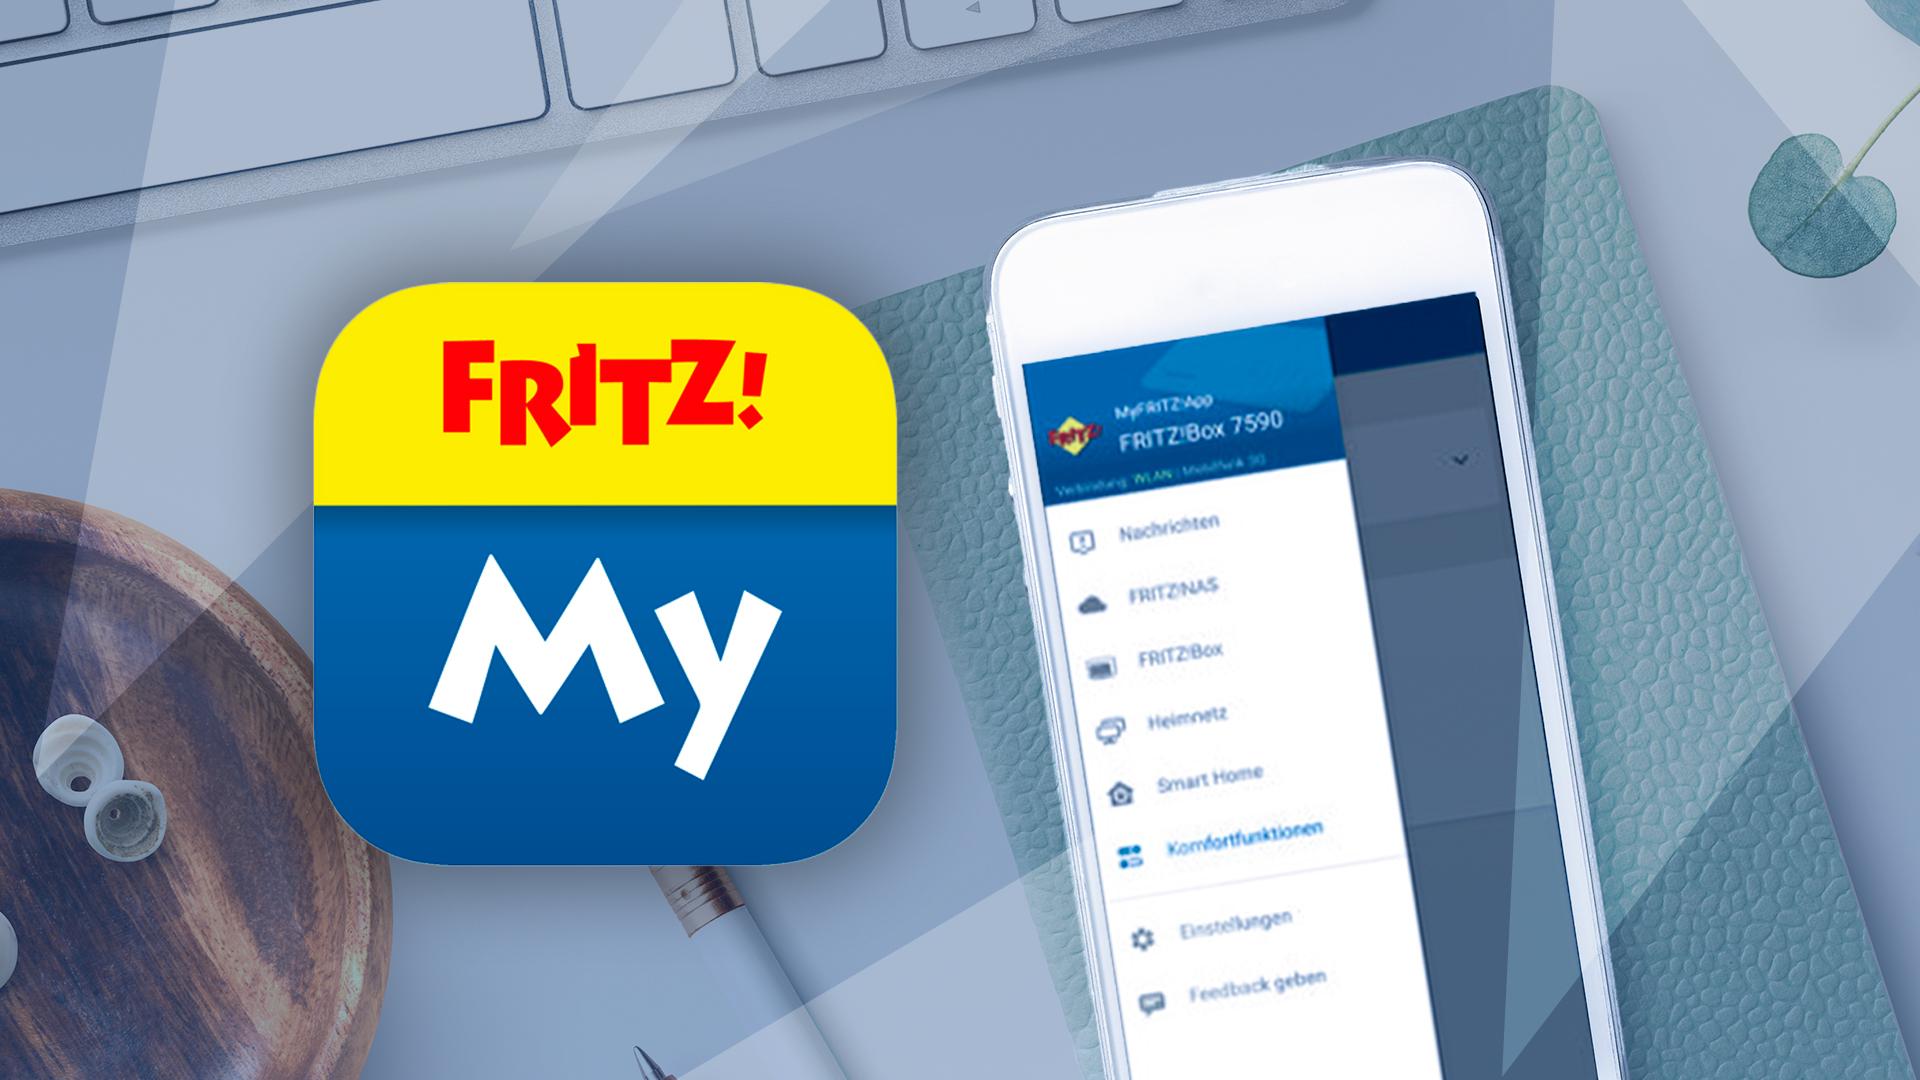 Avm, Fritzbox, FritzOS, Fritz!box, MyFritz, Fritz!, Fritzapp, MyFritzApp